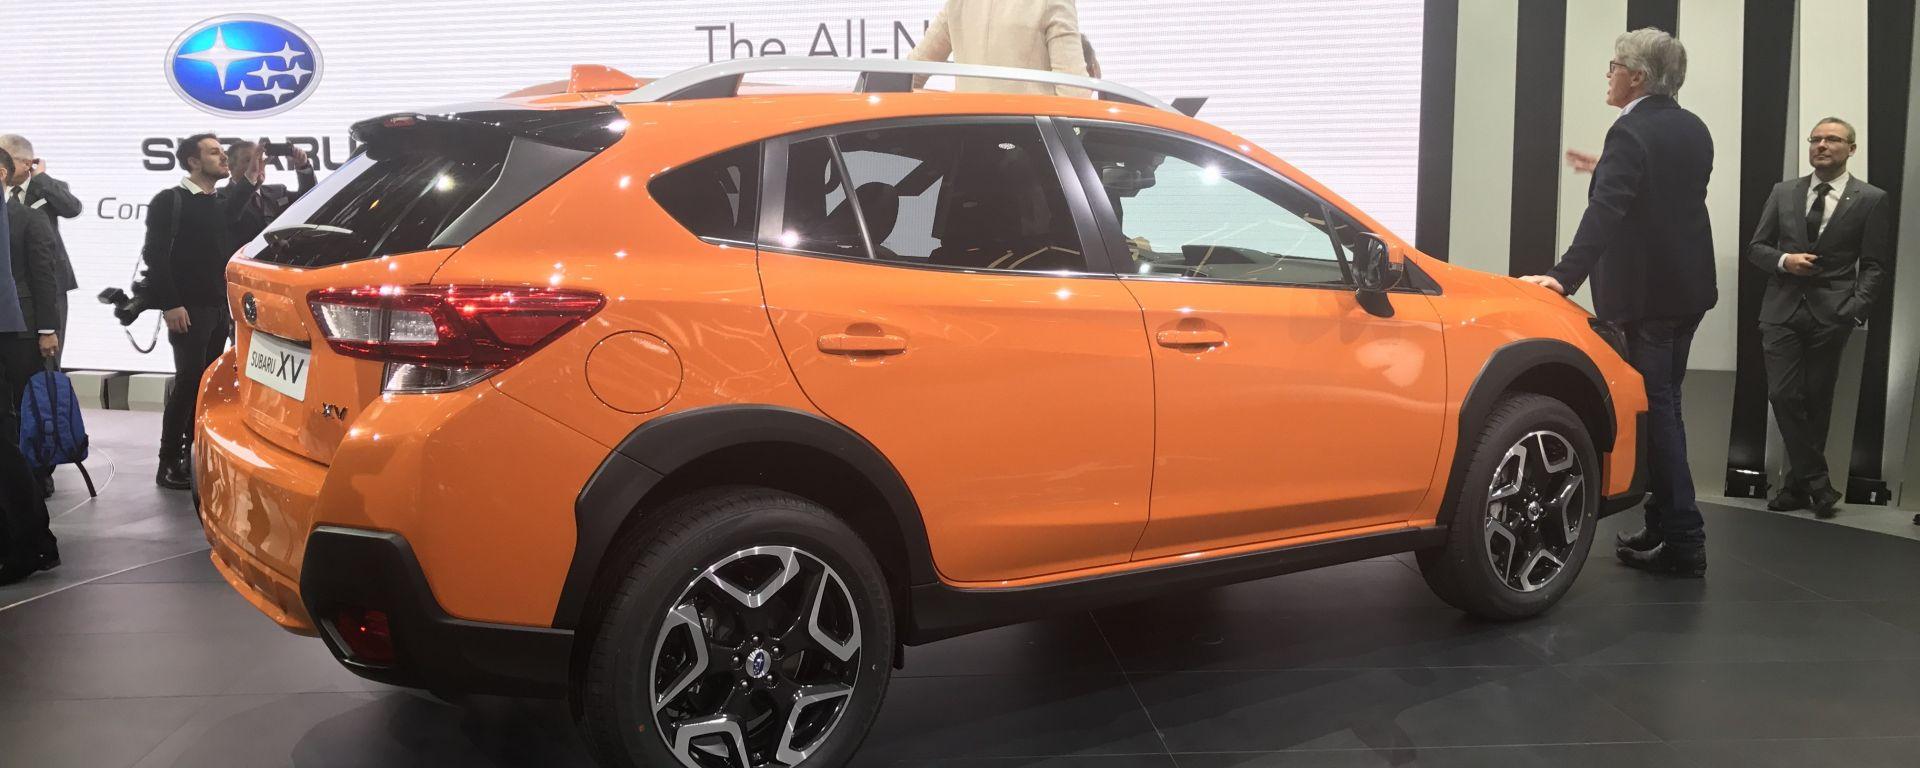 Subaru Xv Ibrida Nel 2018 Auto Elettrica Nel 2021 Motorbox